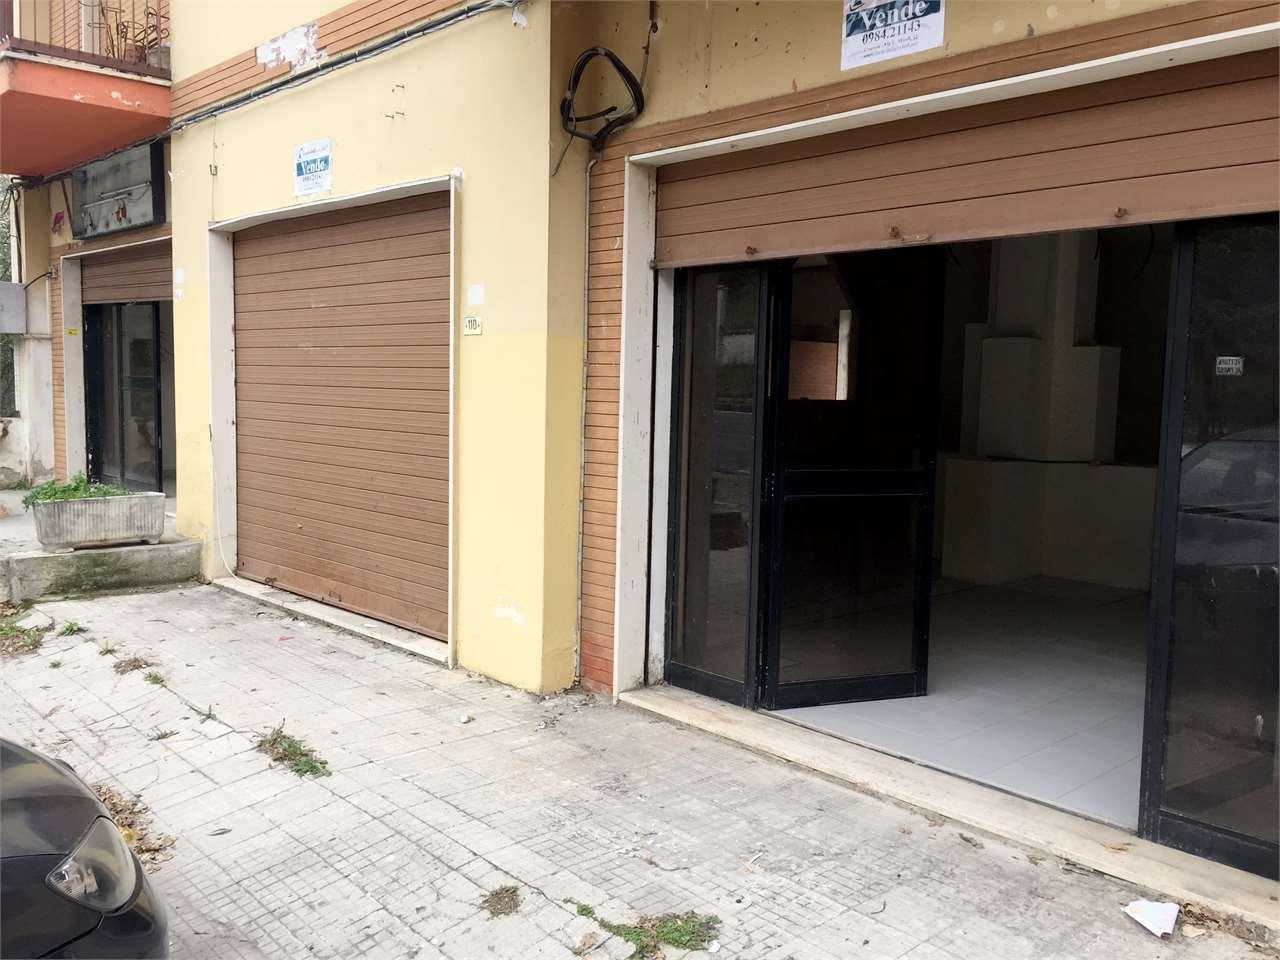 Magazzino in vendita a Carolei, 9999 locali, prezzo € 68.000   CambioCasa.it